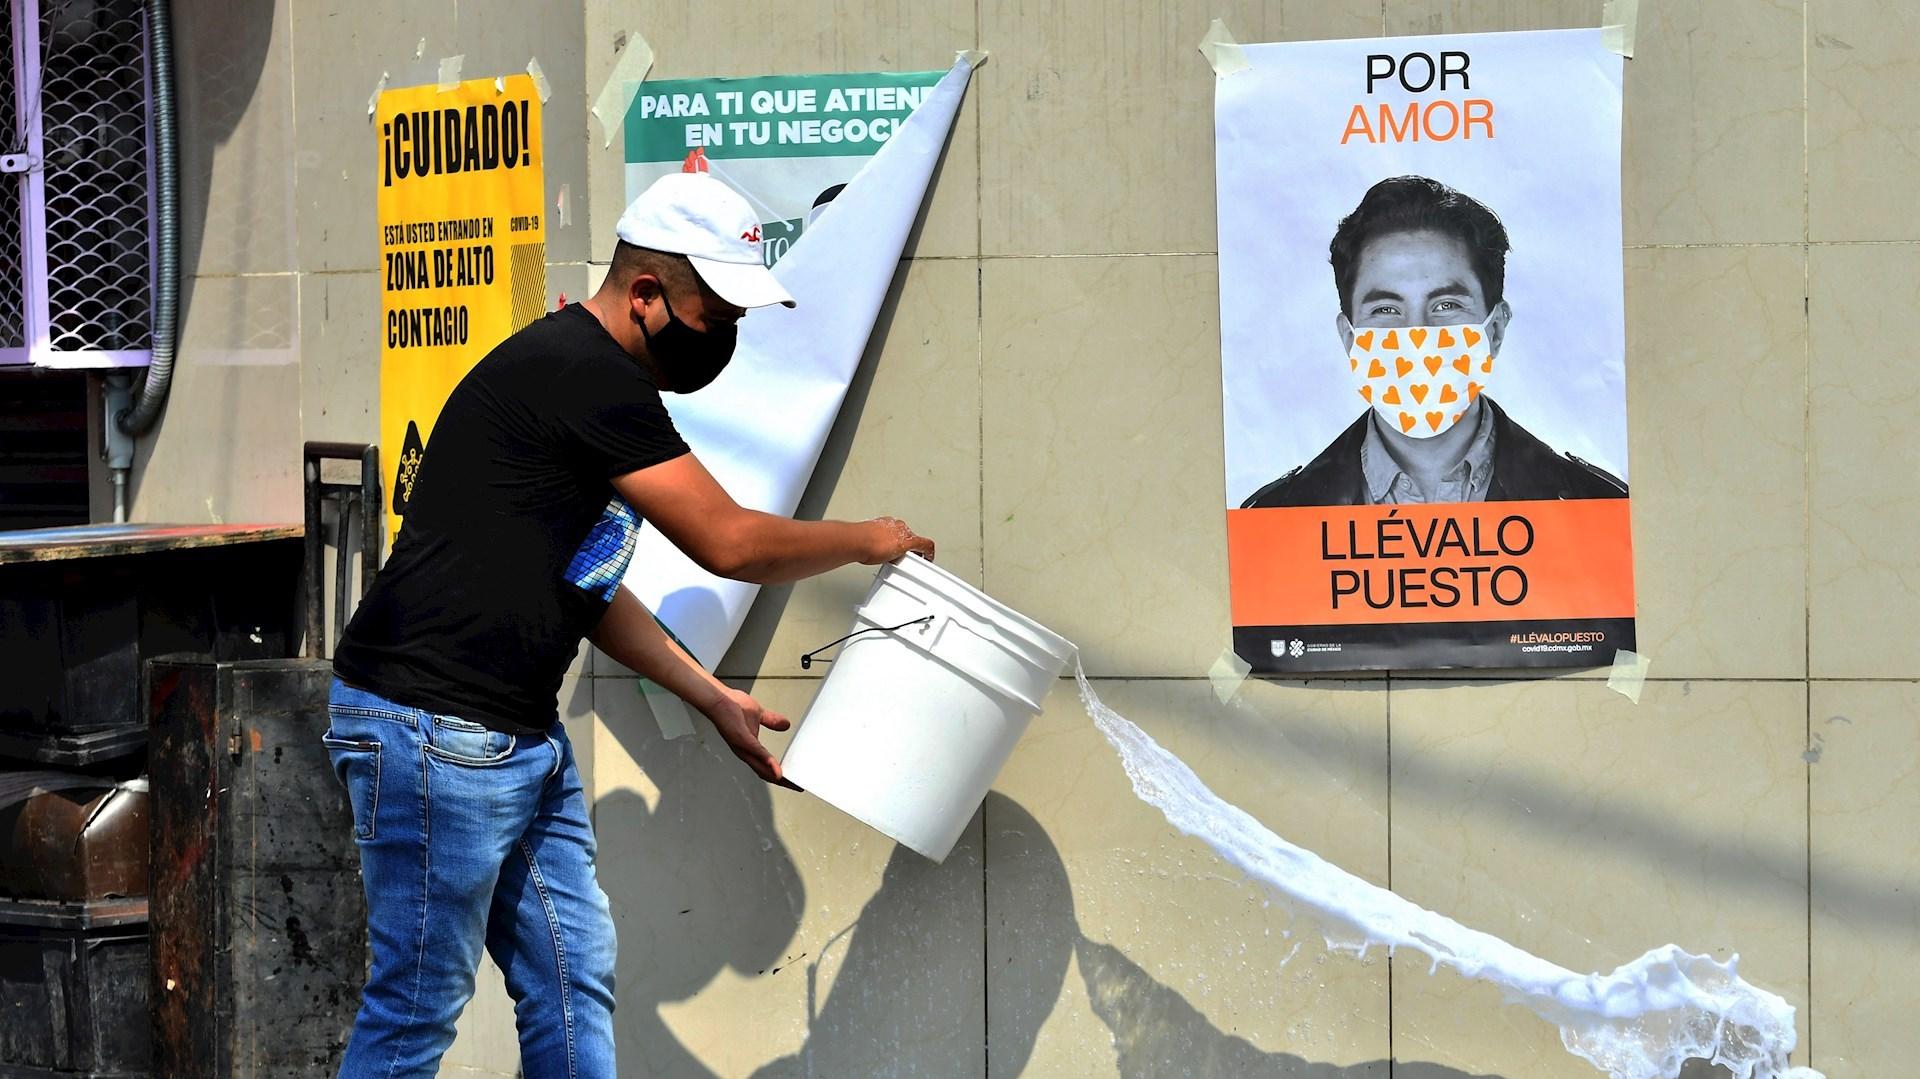 Habitantes de una colonia en Ciudad de México se dan a la tarea de desinfectar sus calles señaladas como de alto riesgo de contagio del COVID-19. Foto de EFE/Jorge Núñez